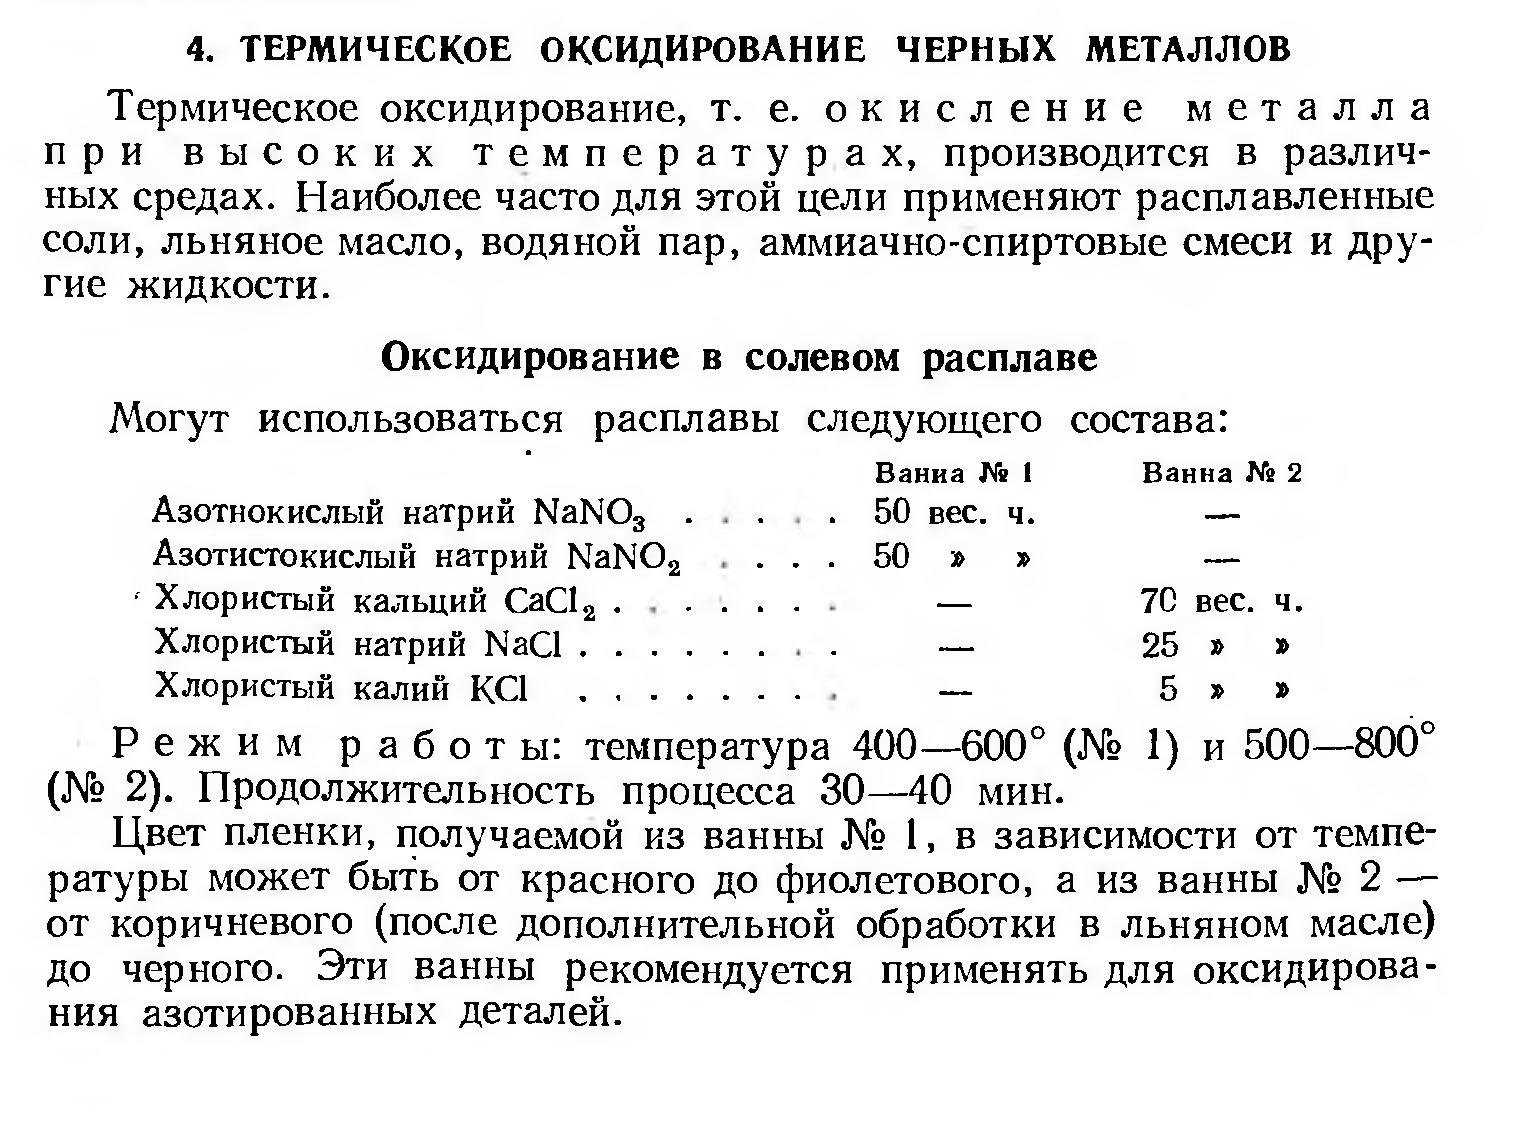 Воронение металла в домашних условиях: состав для оксидирования стали на rocta.ru